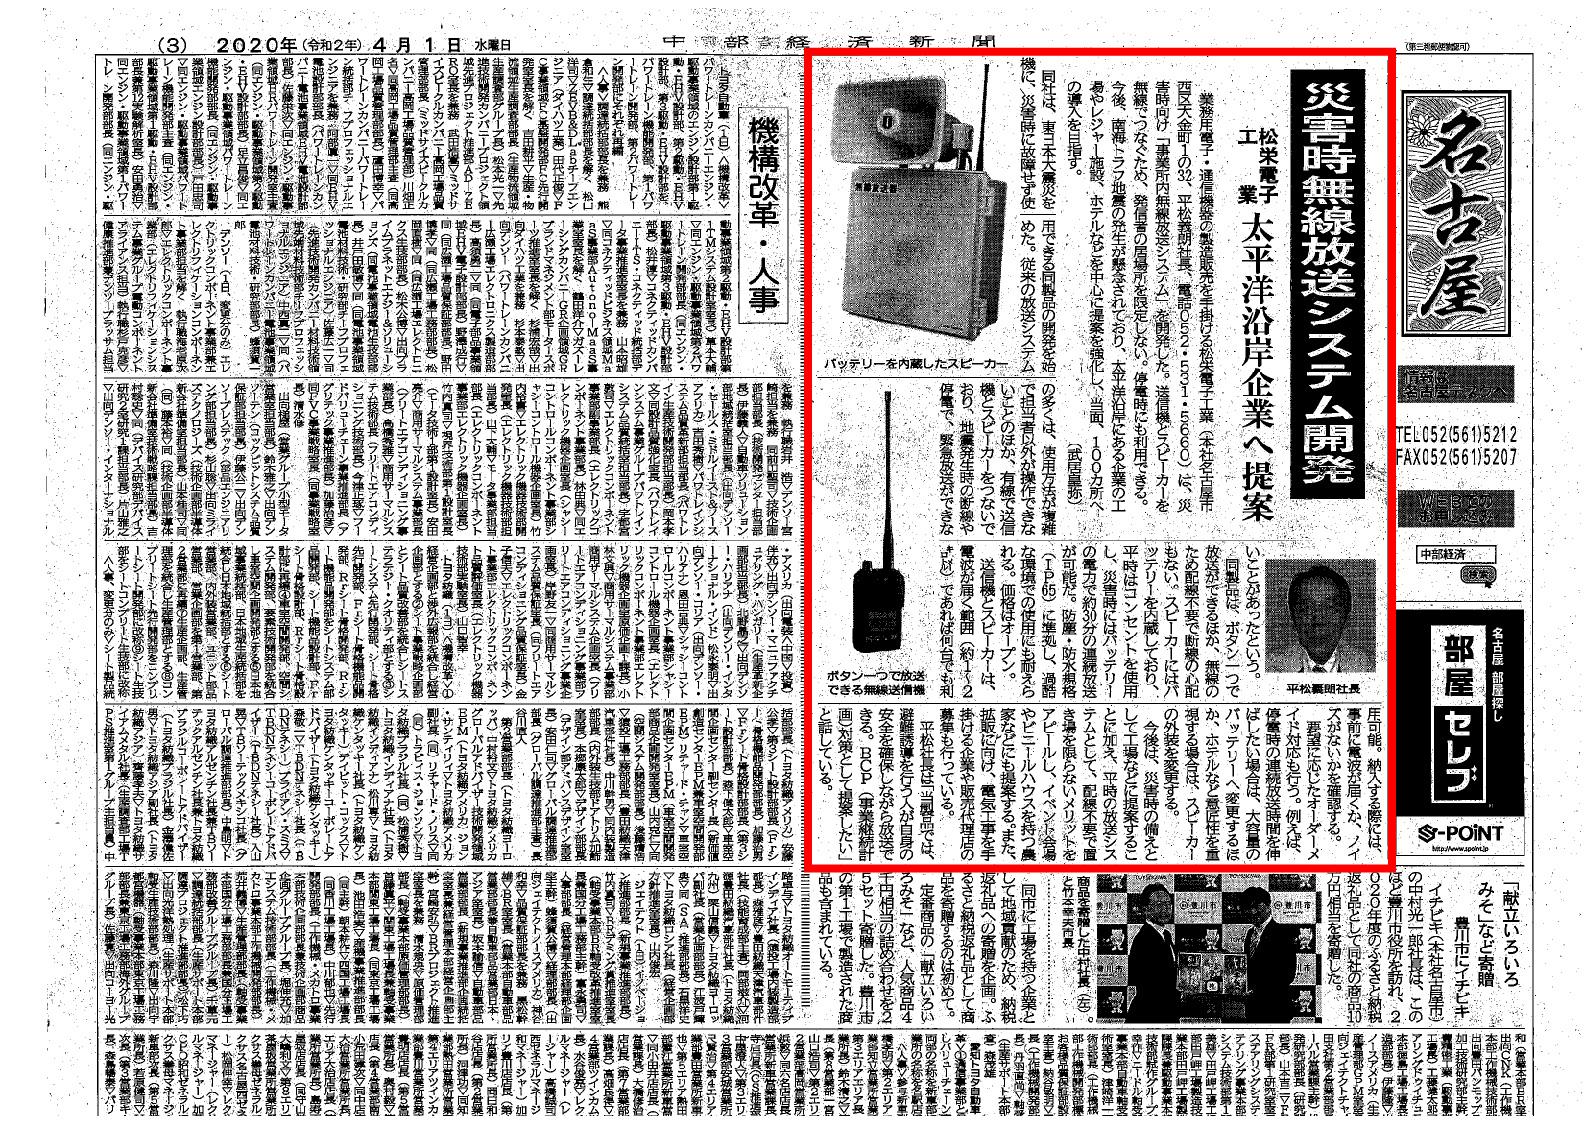 中部経済新聞に掲載された事業所内無線放送システム